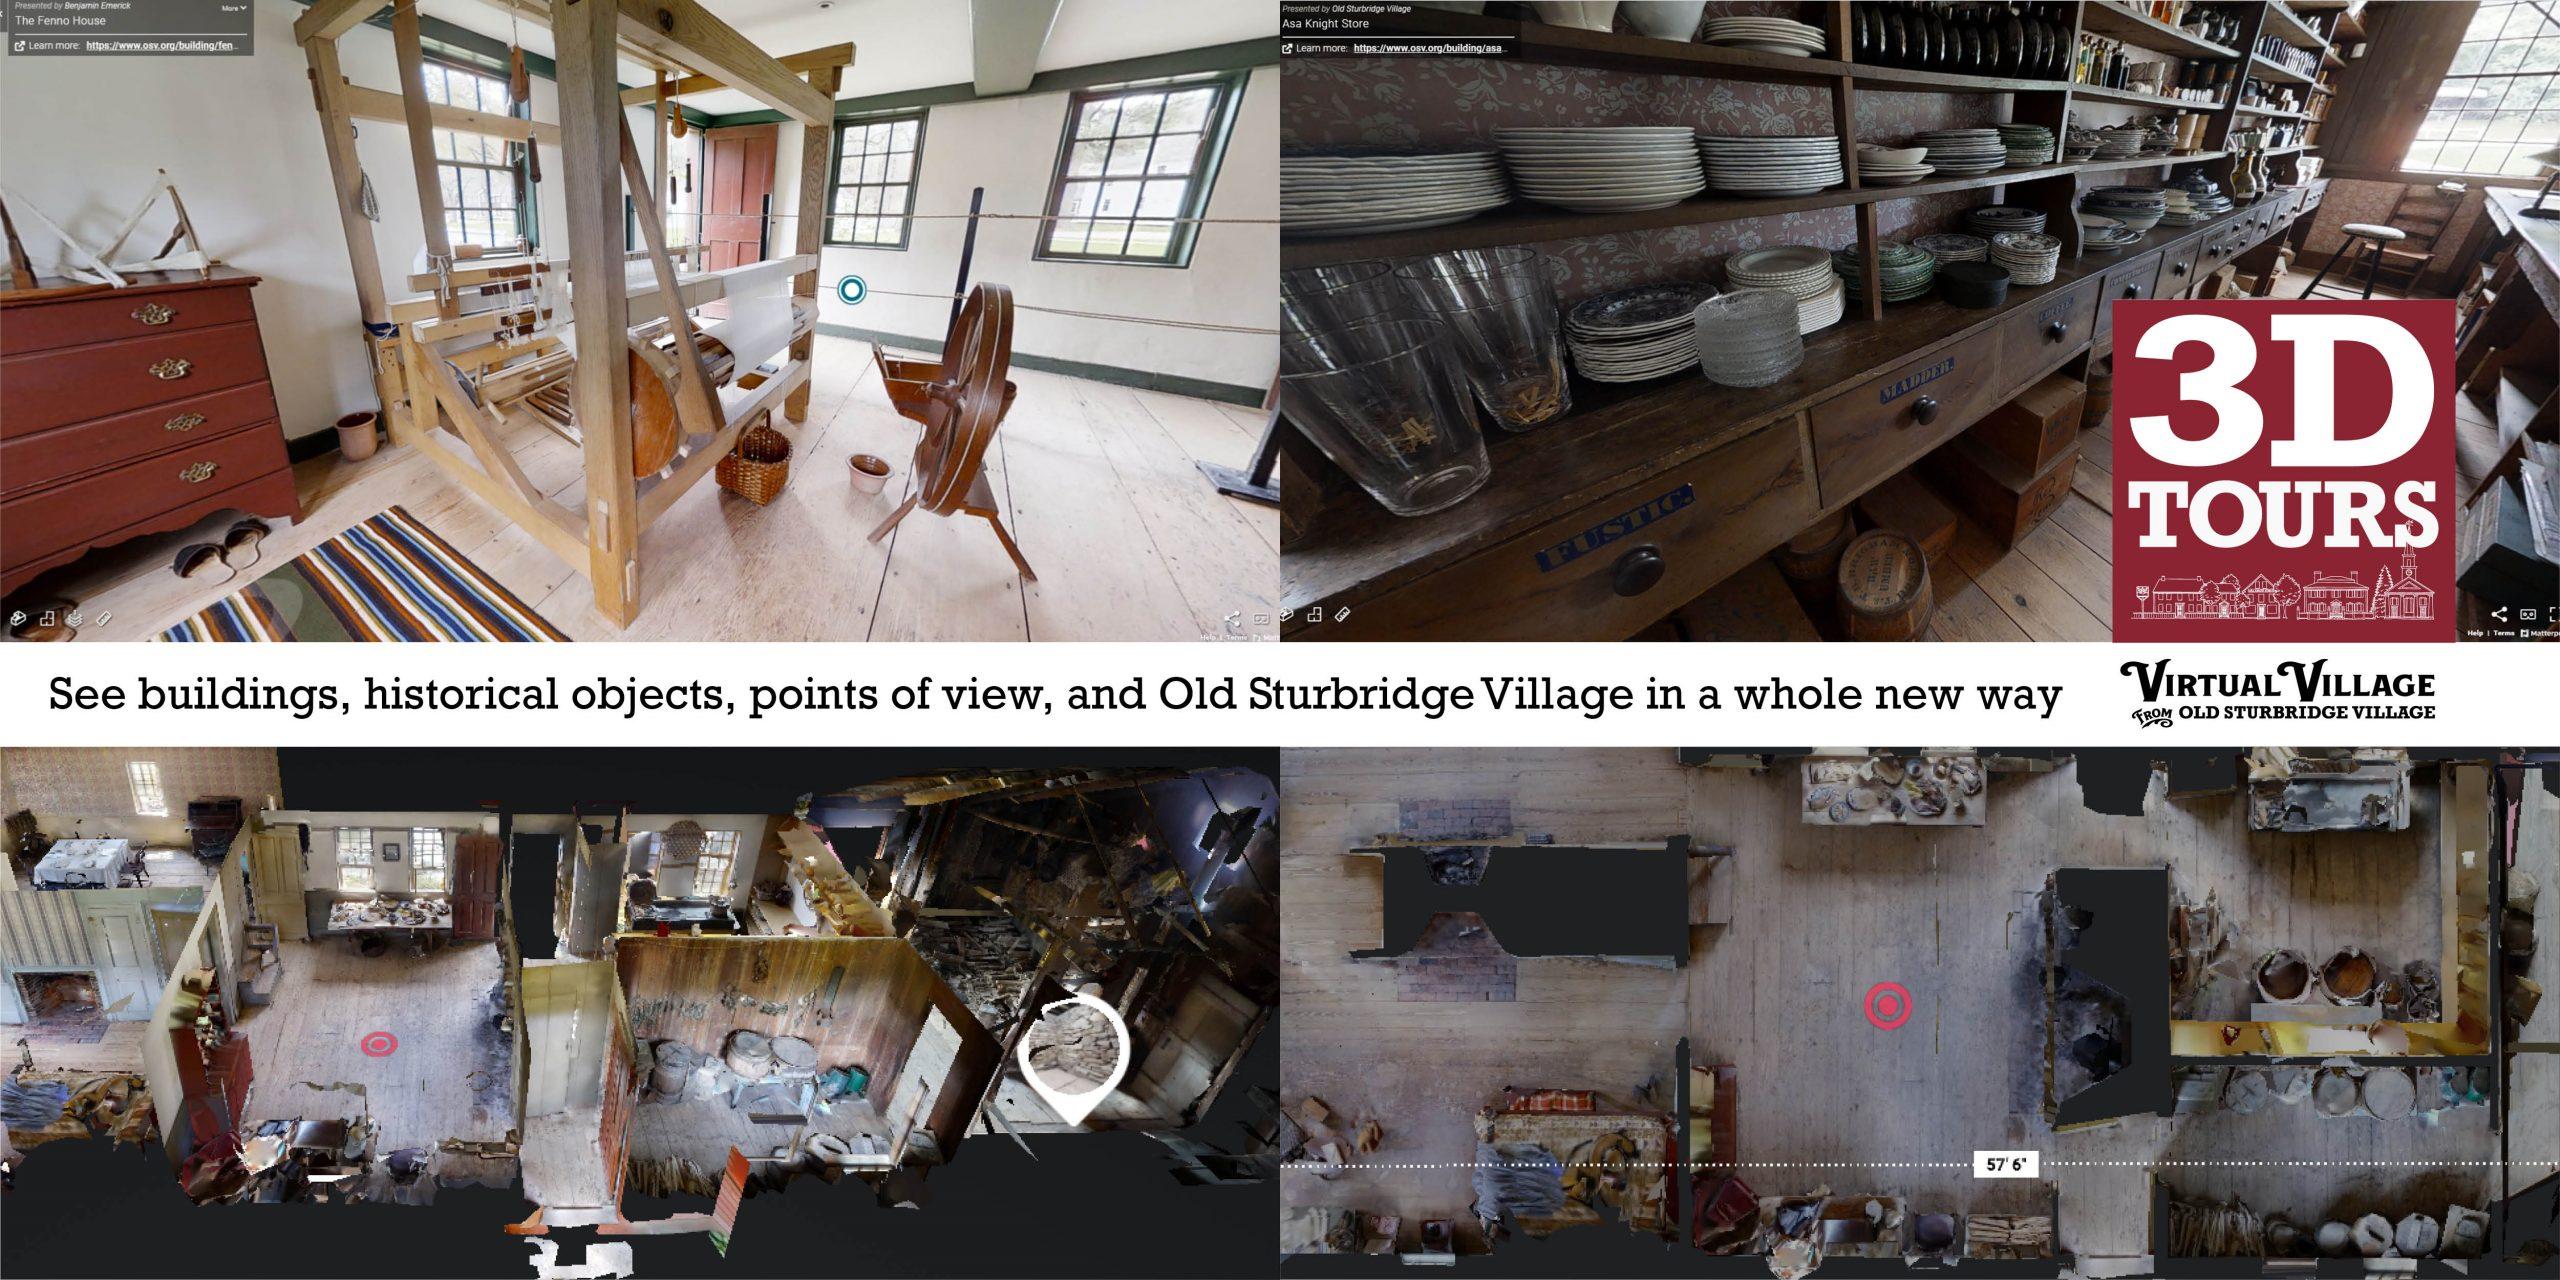 Screenshots from 3D Tours